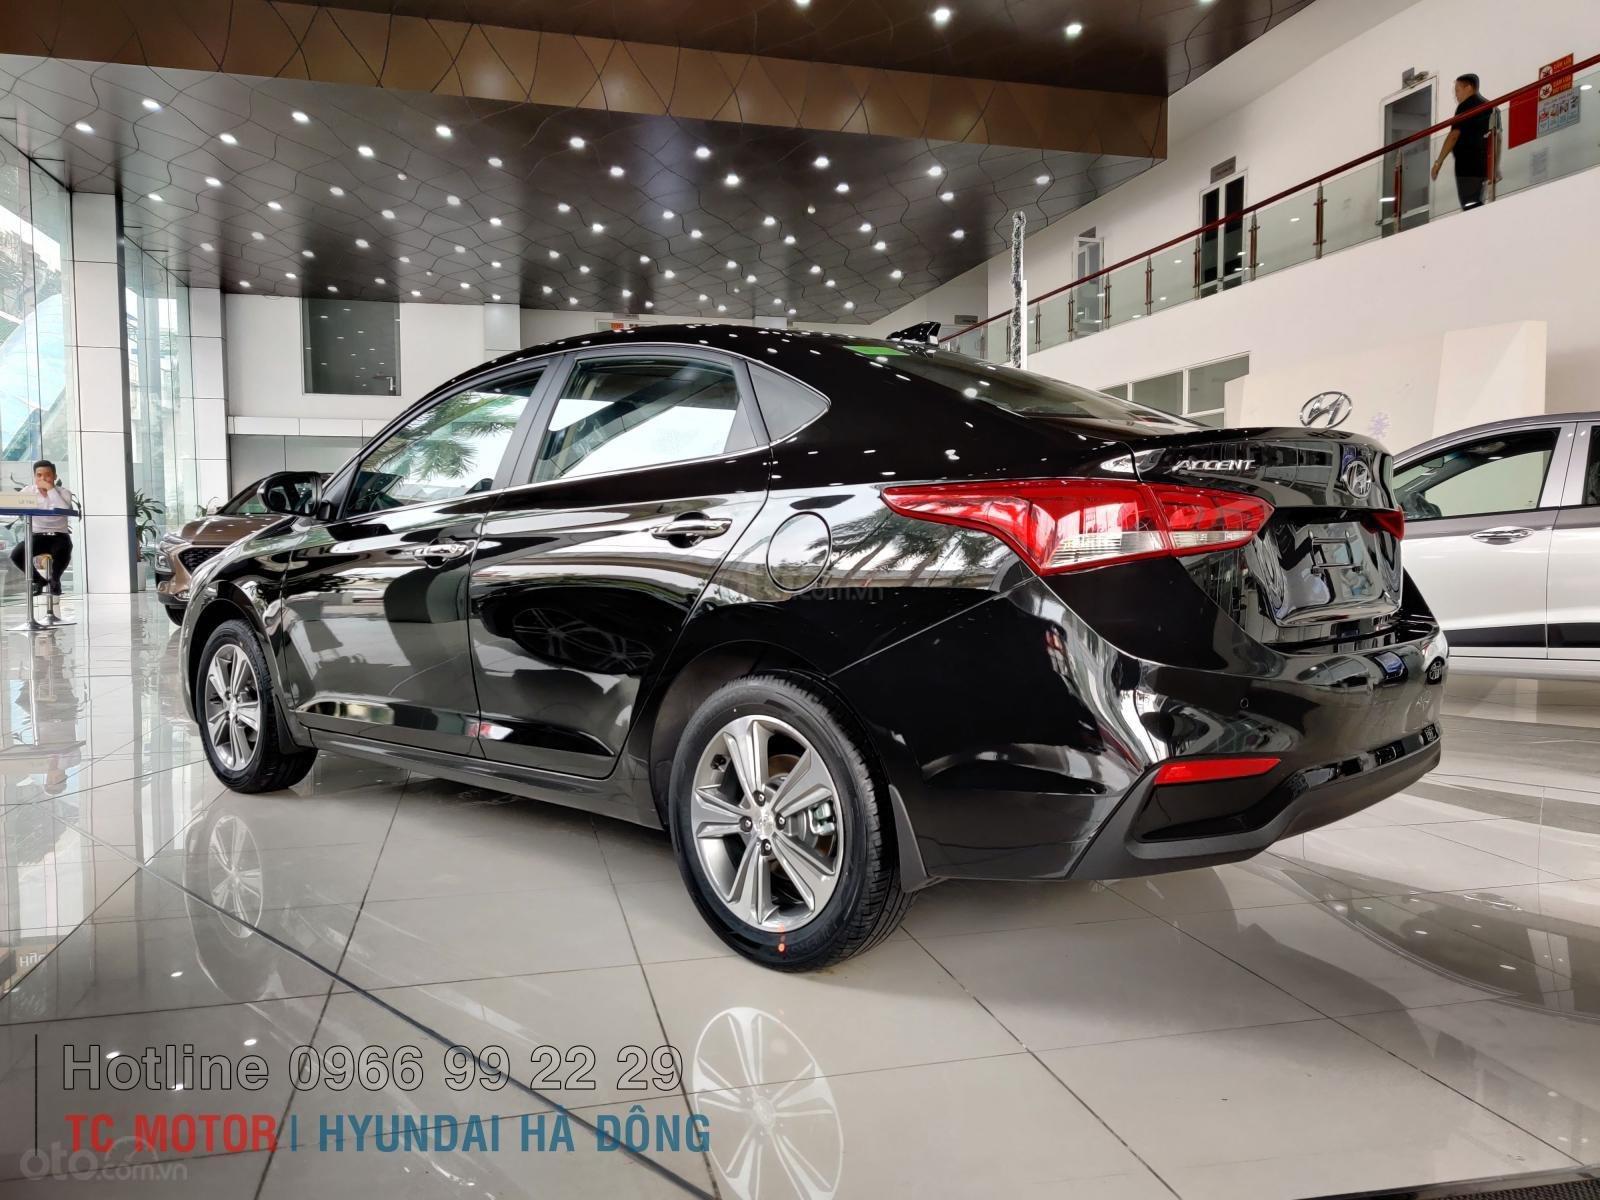 Hyundai Accent 1.6 AT 2020 bản đặc biệt - Giá tốt nhất Hà Nội (5)